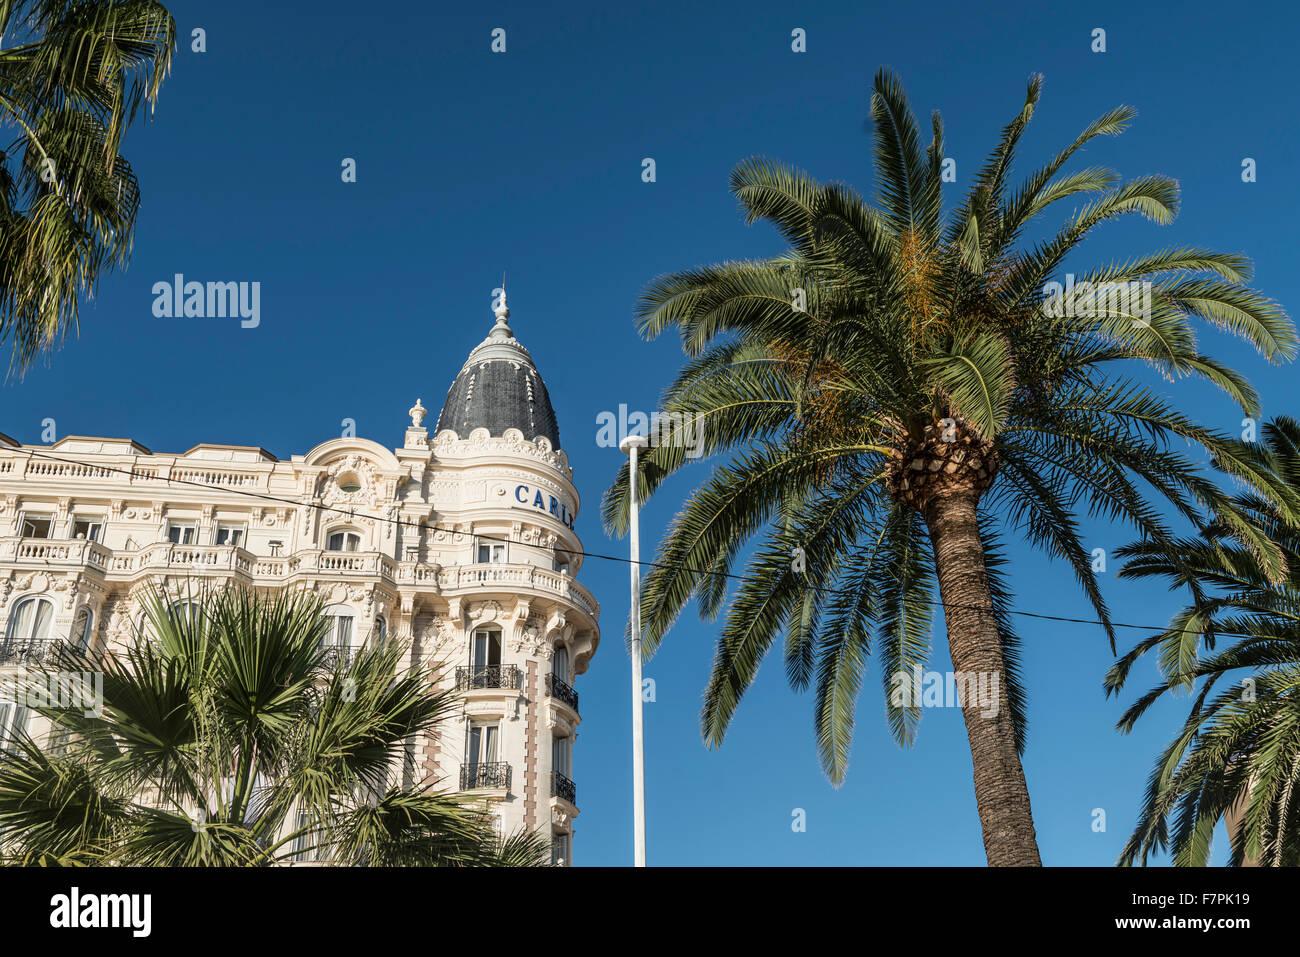 Carlton Hotel, facciata, Palm tree, Cannes, Immagini Stock